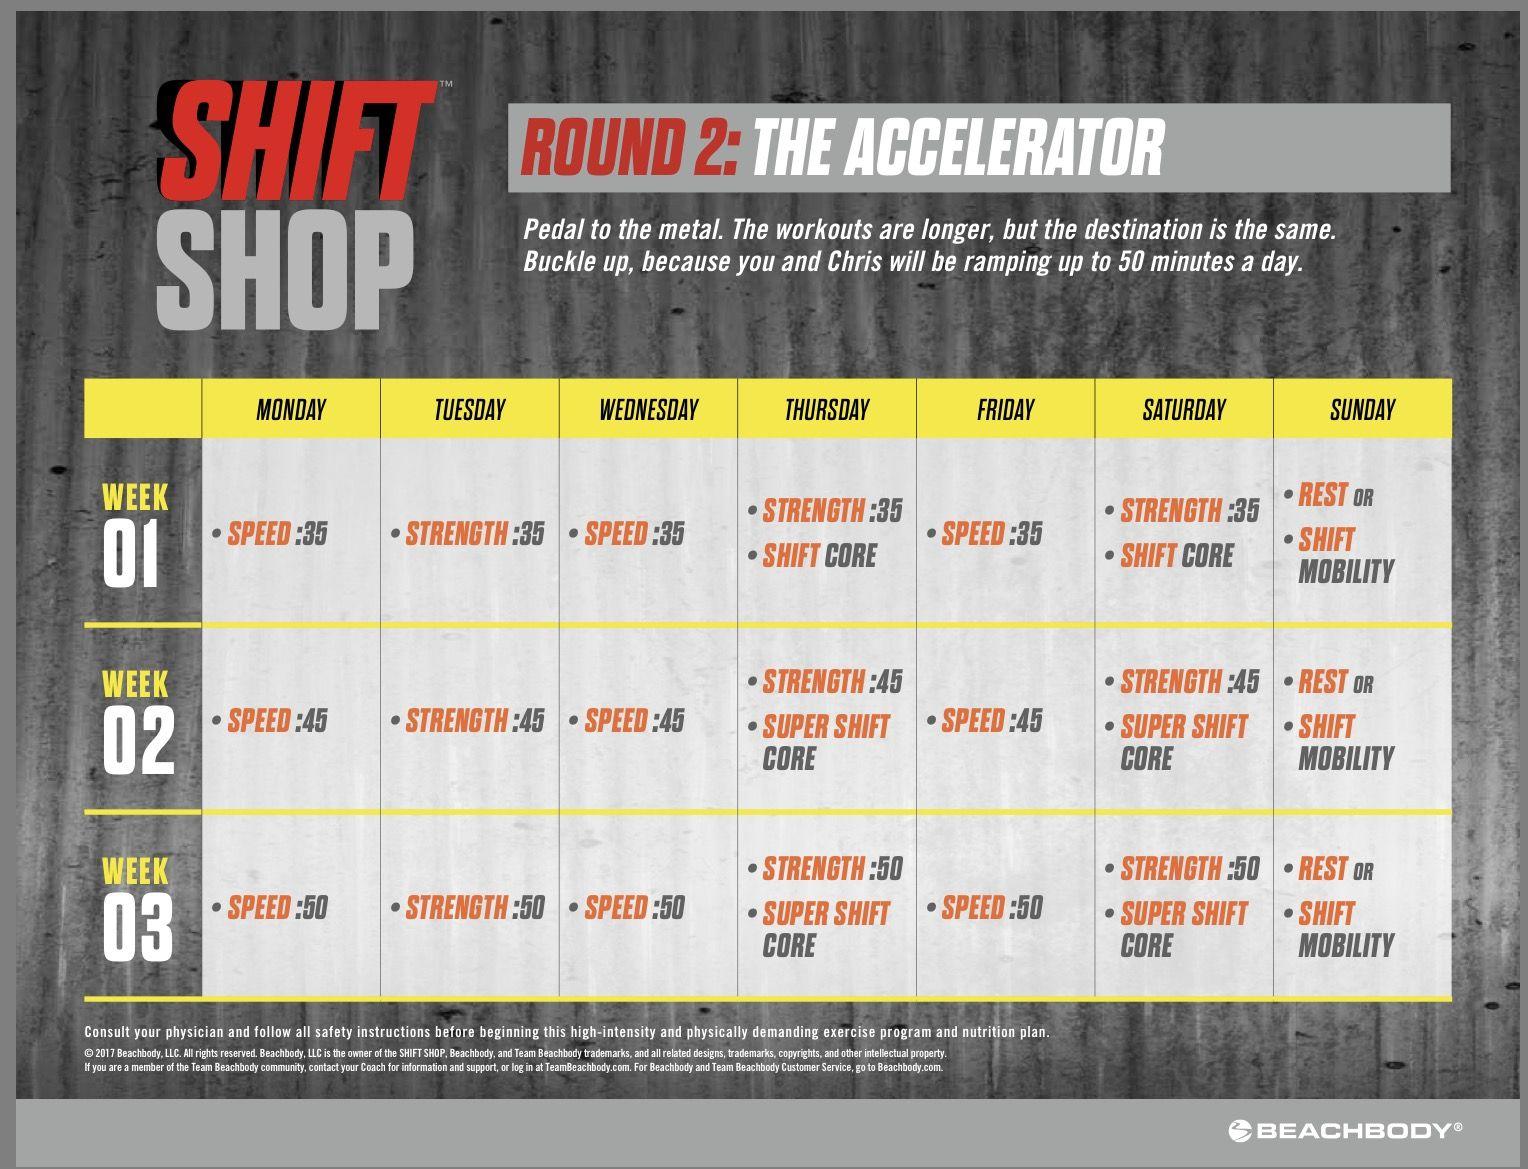 Shift Shop Round 2 Calendar Workout Calendar Beachbody Programs Diet Motivation